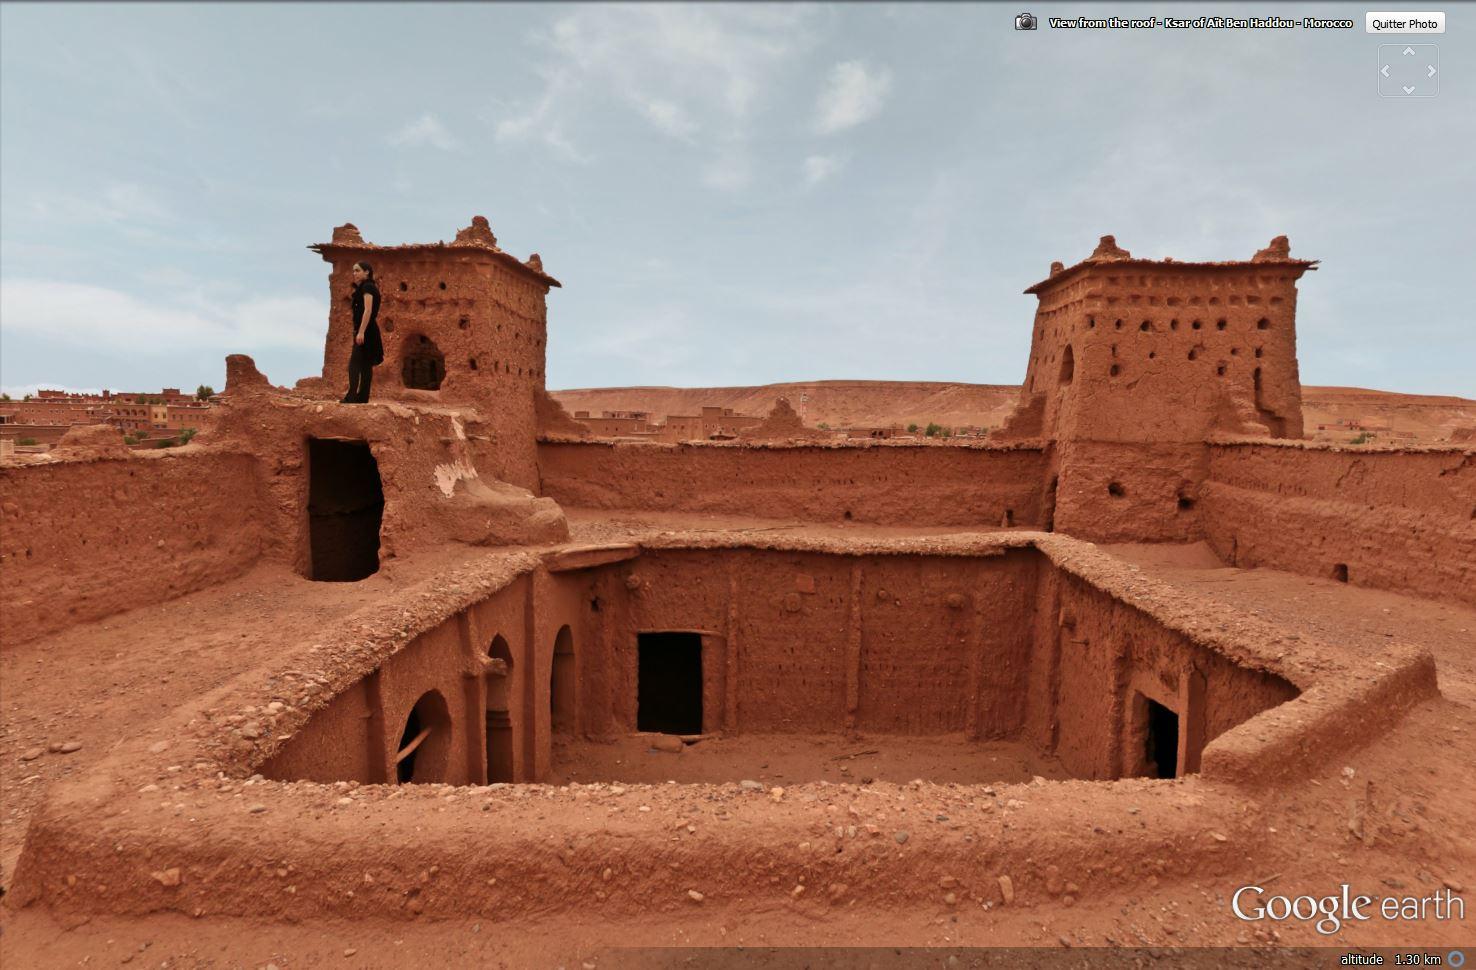 En Afrique avec 360 Cities - Page 2 Sans_t83